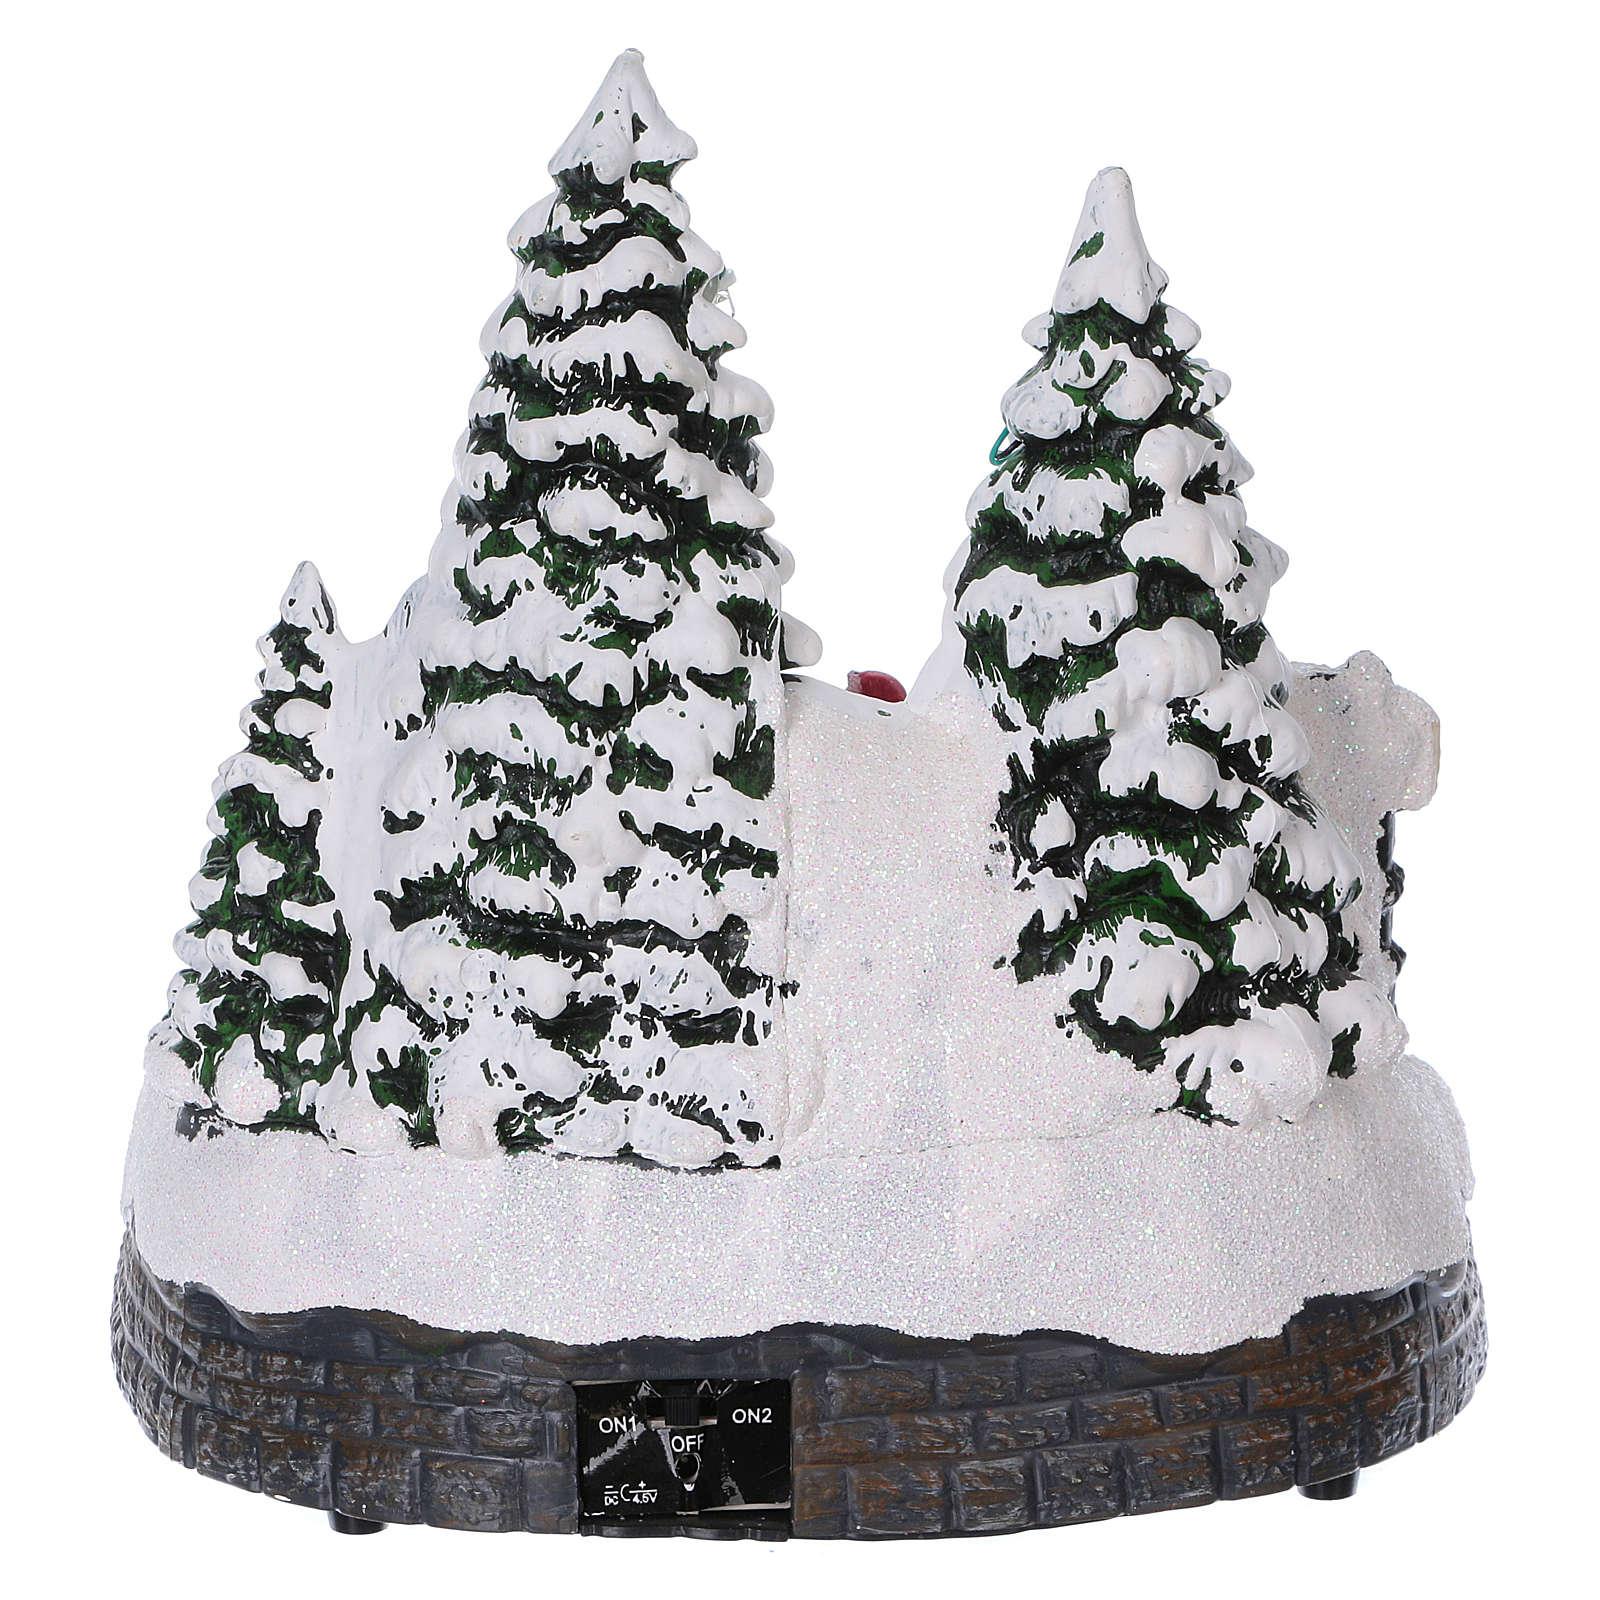 Weihnachtsdorf mit Zug in Bewegung Tunnel und Weihnachtsmann 20x20x20 mit Batterie und Netzanschluss 3